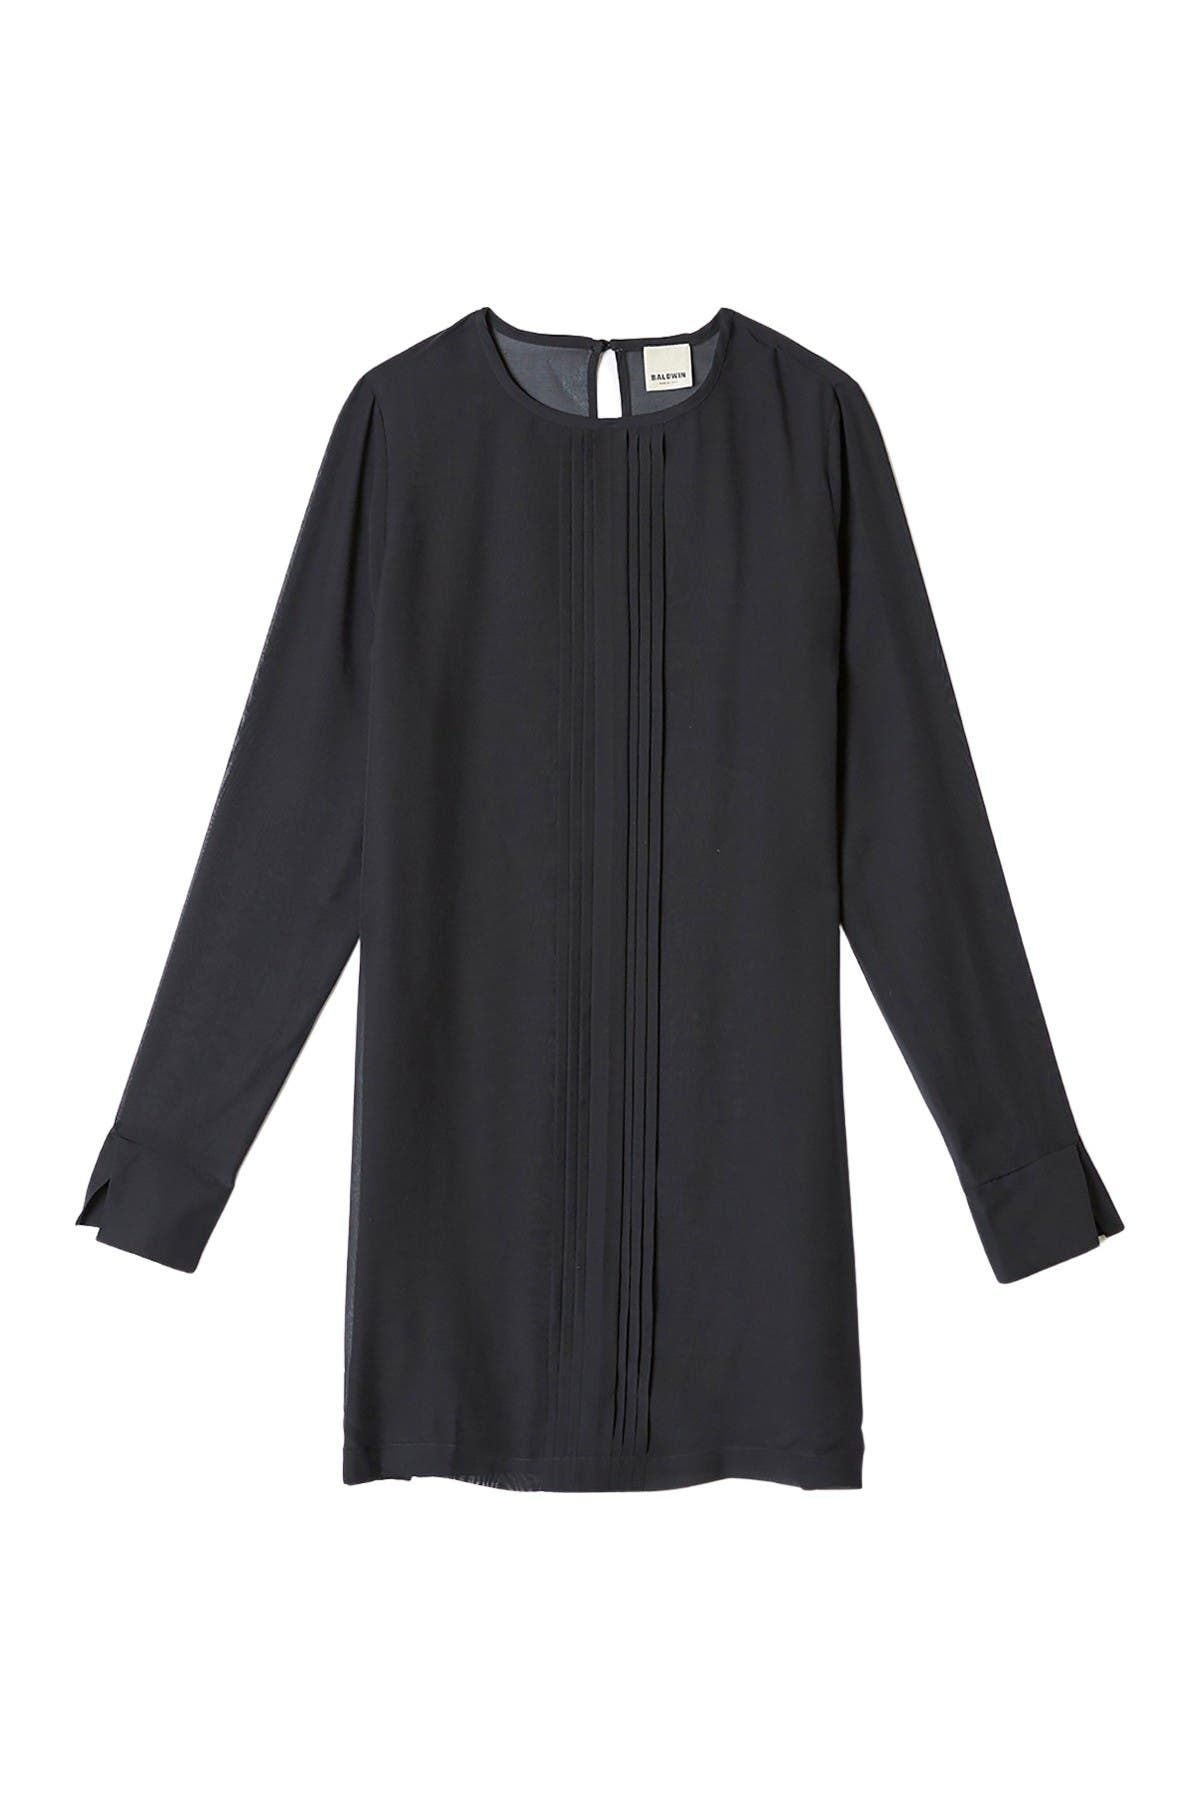 Image of BALDWIN Lottie Dress